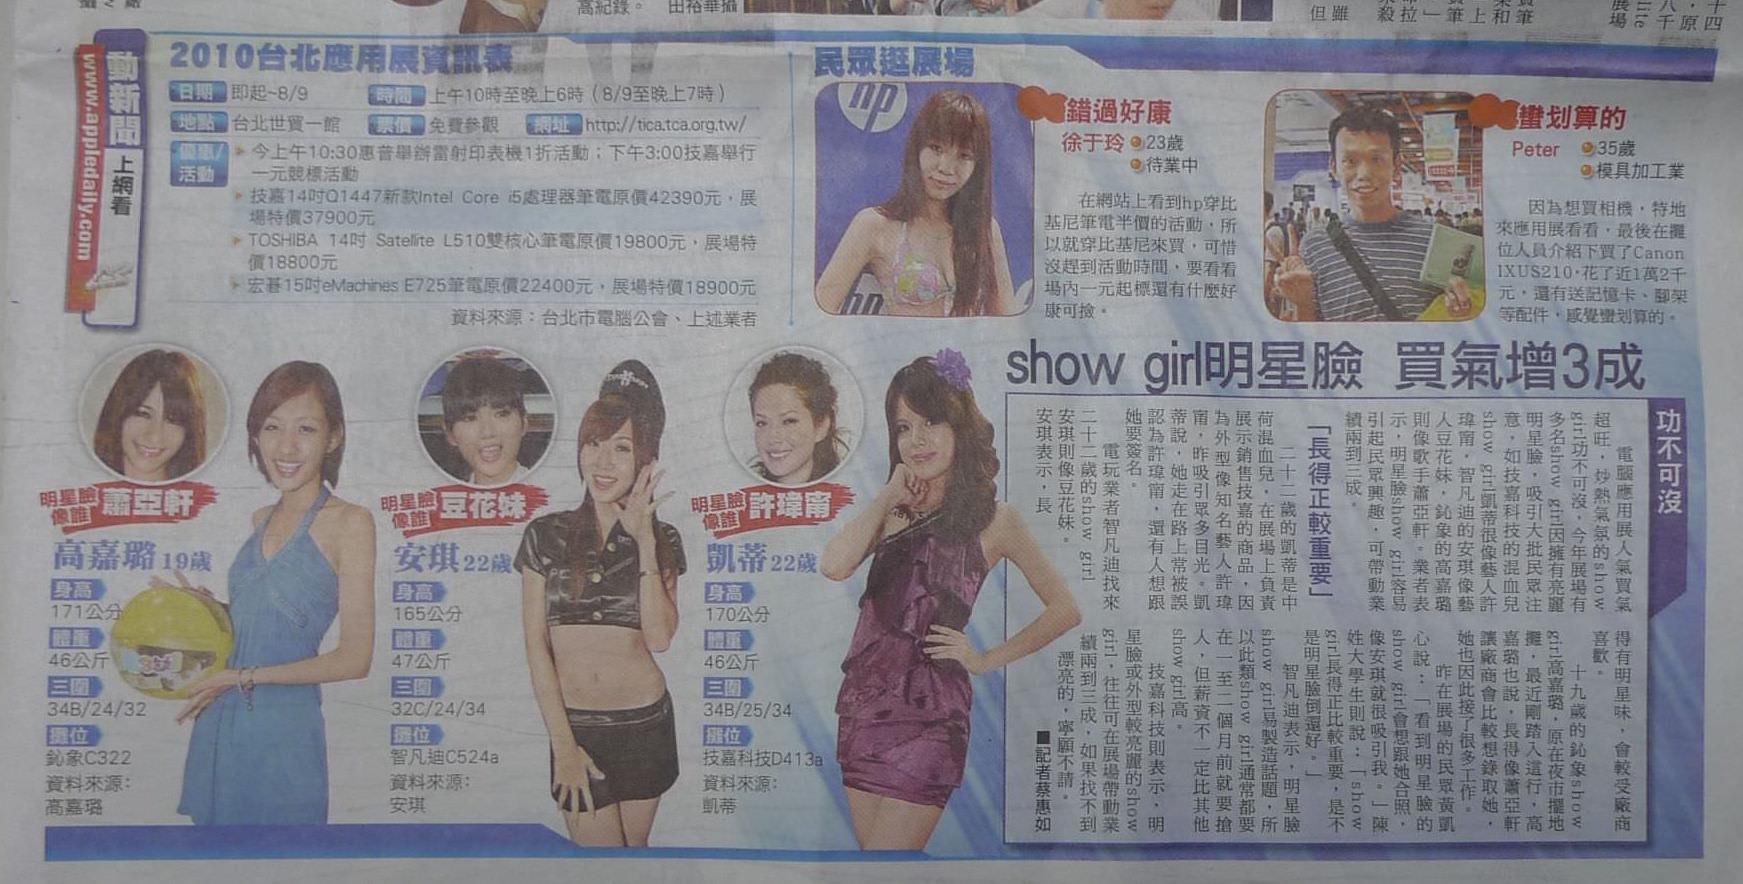 show girl明星臉 買氣增3成  2010年08月06日